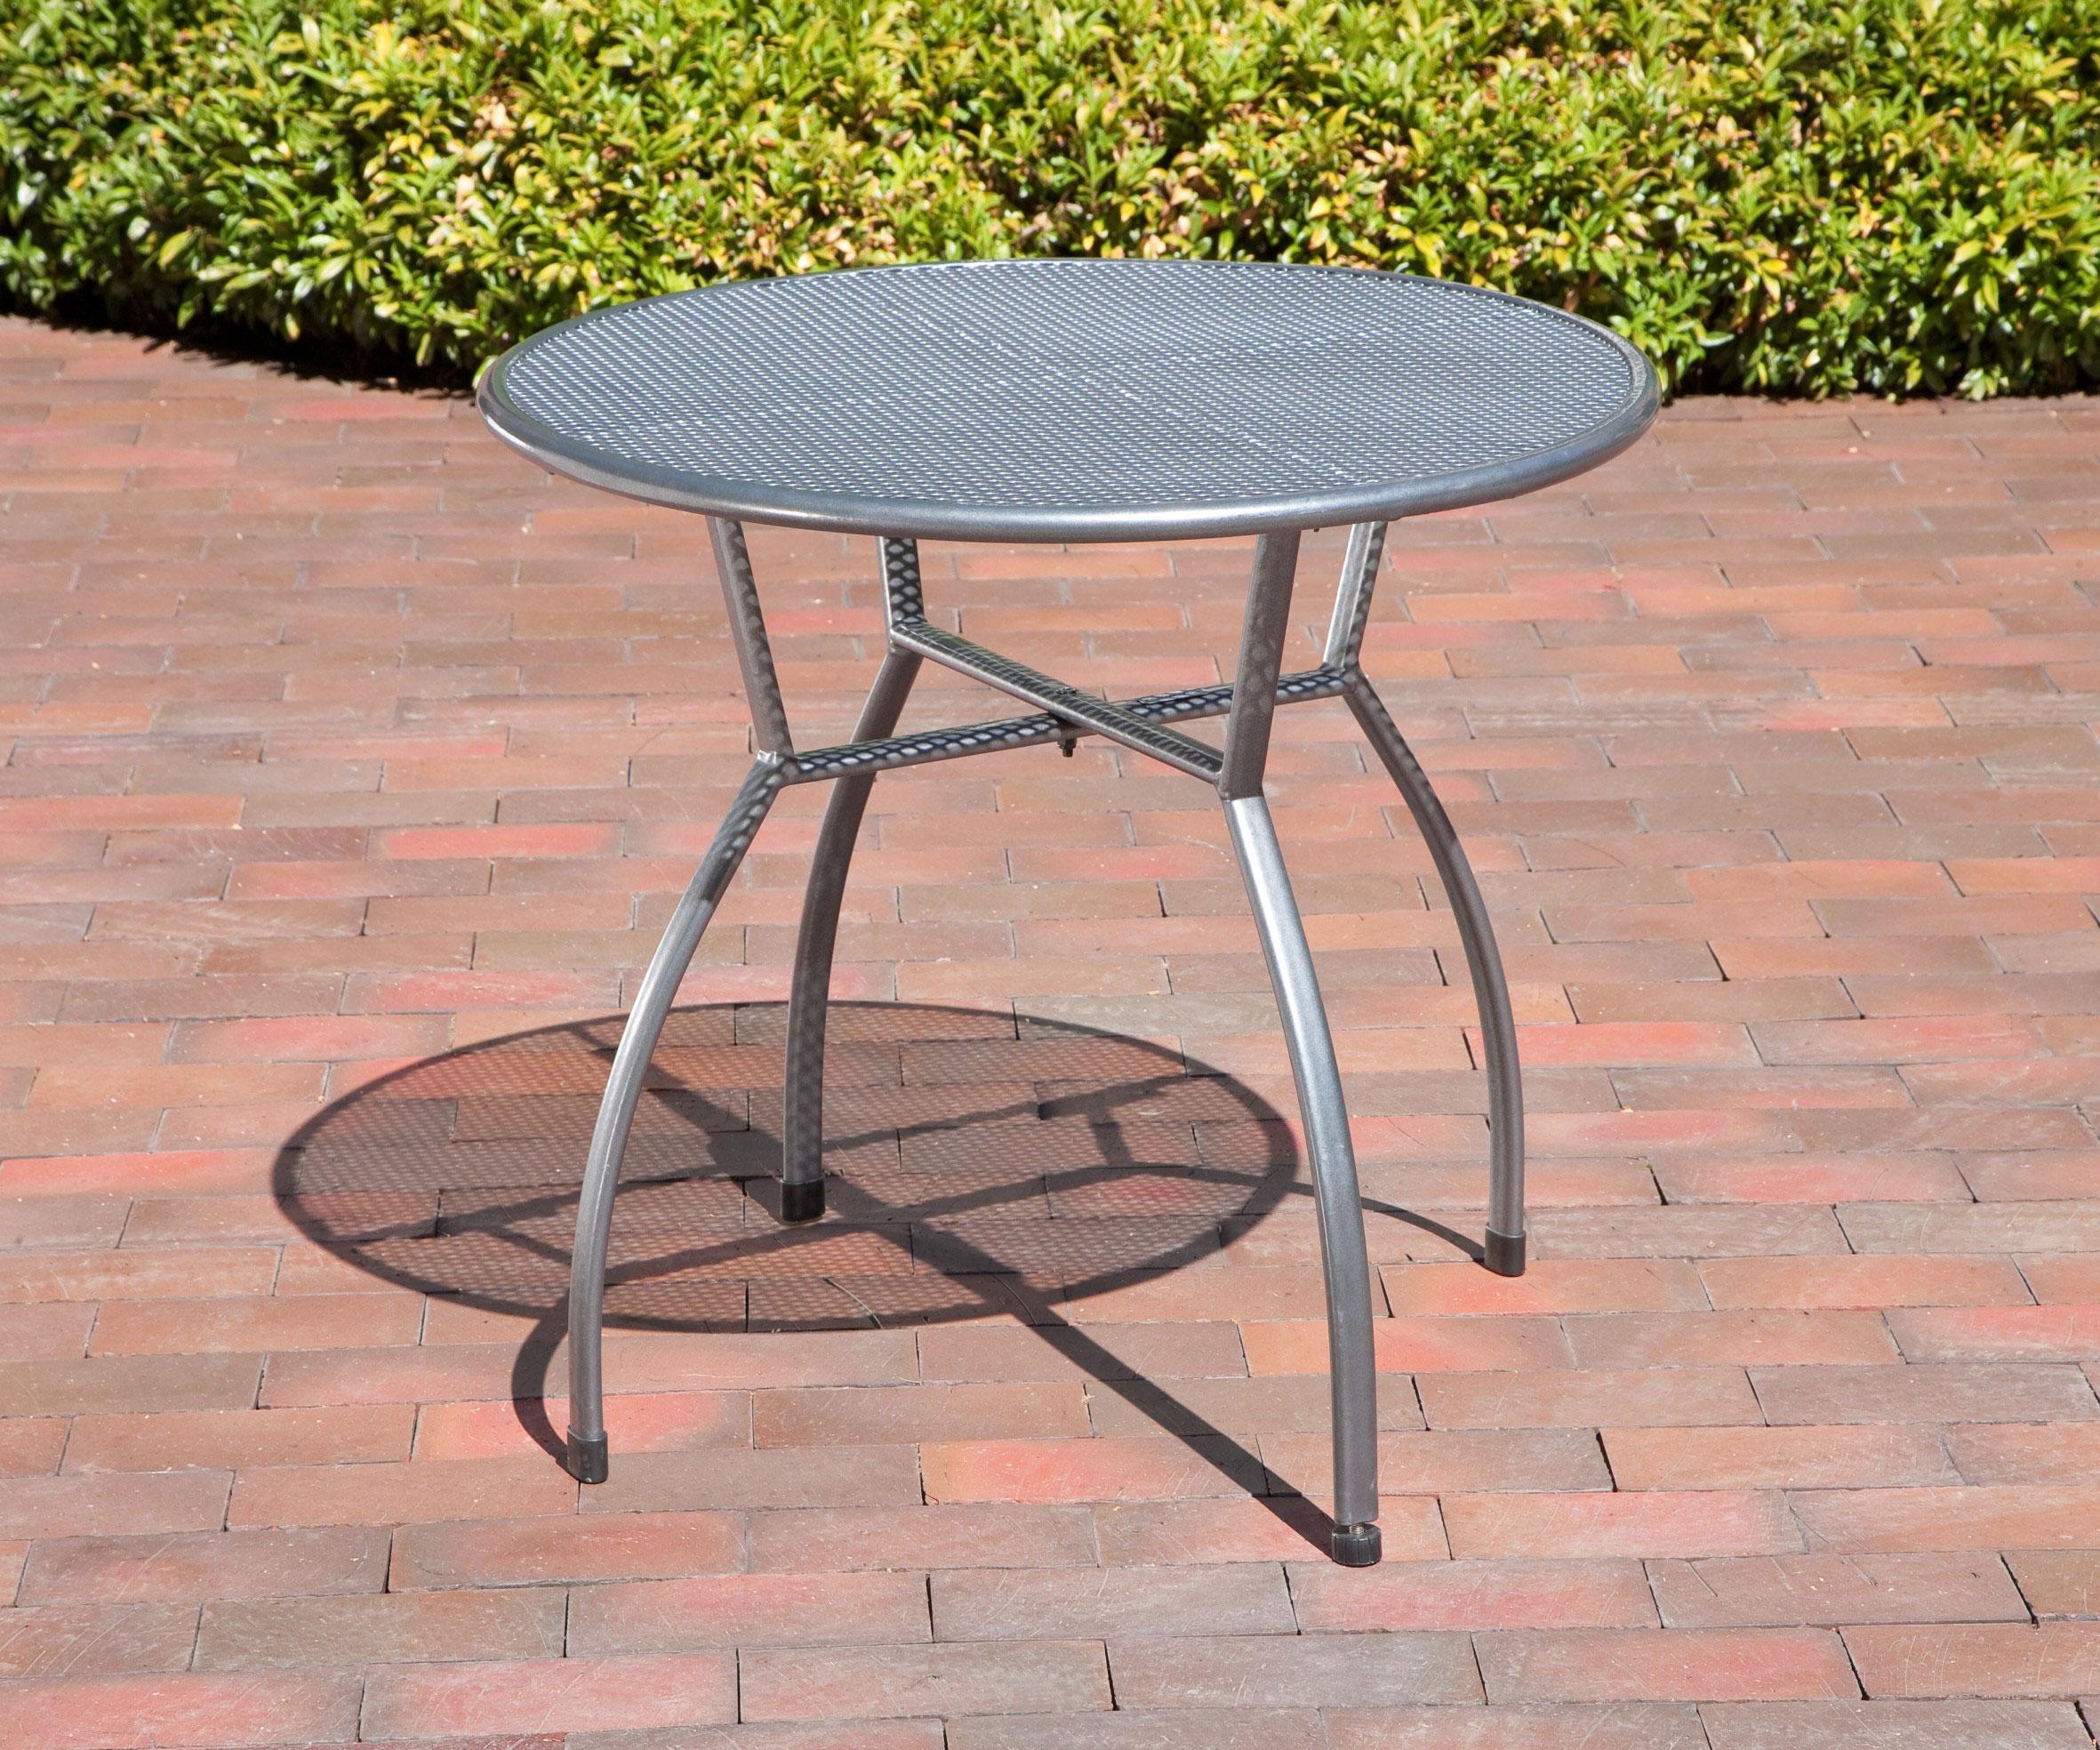 Gartentisch Toulouse greemotion Ø 80cm Streckmetall eisengrau Bild 2